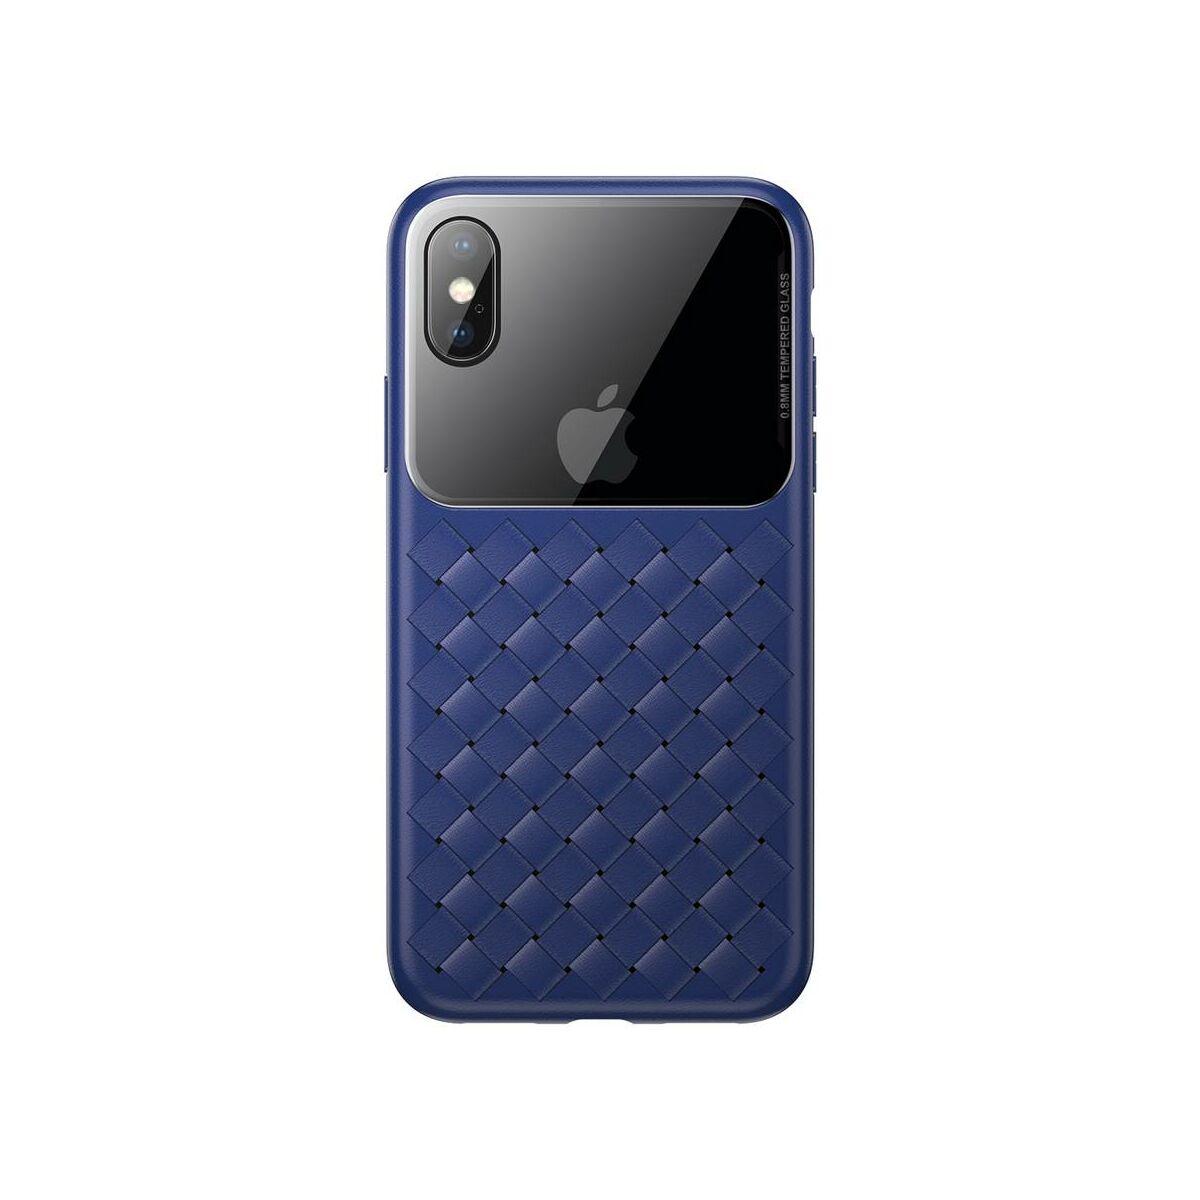 Baseus iPhone XS üveg & tok, BV Weaving, kék (WIAPIPH58-BL03)